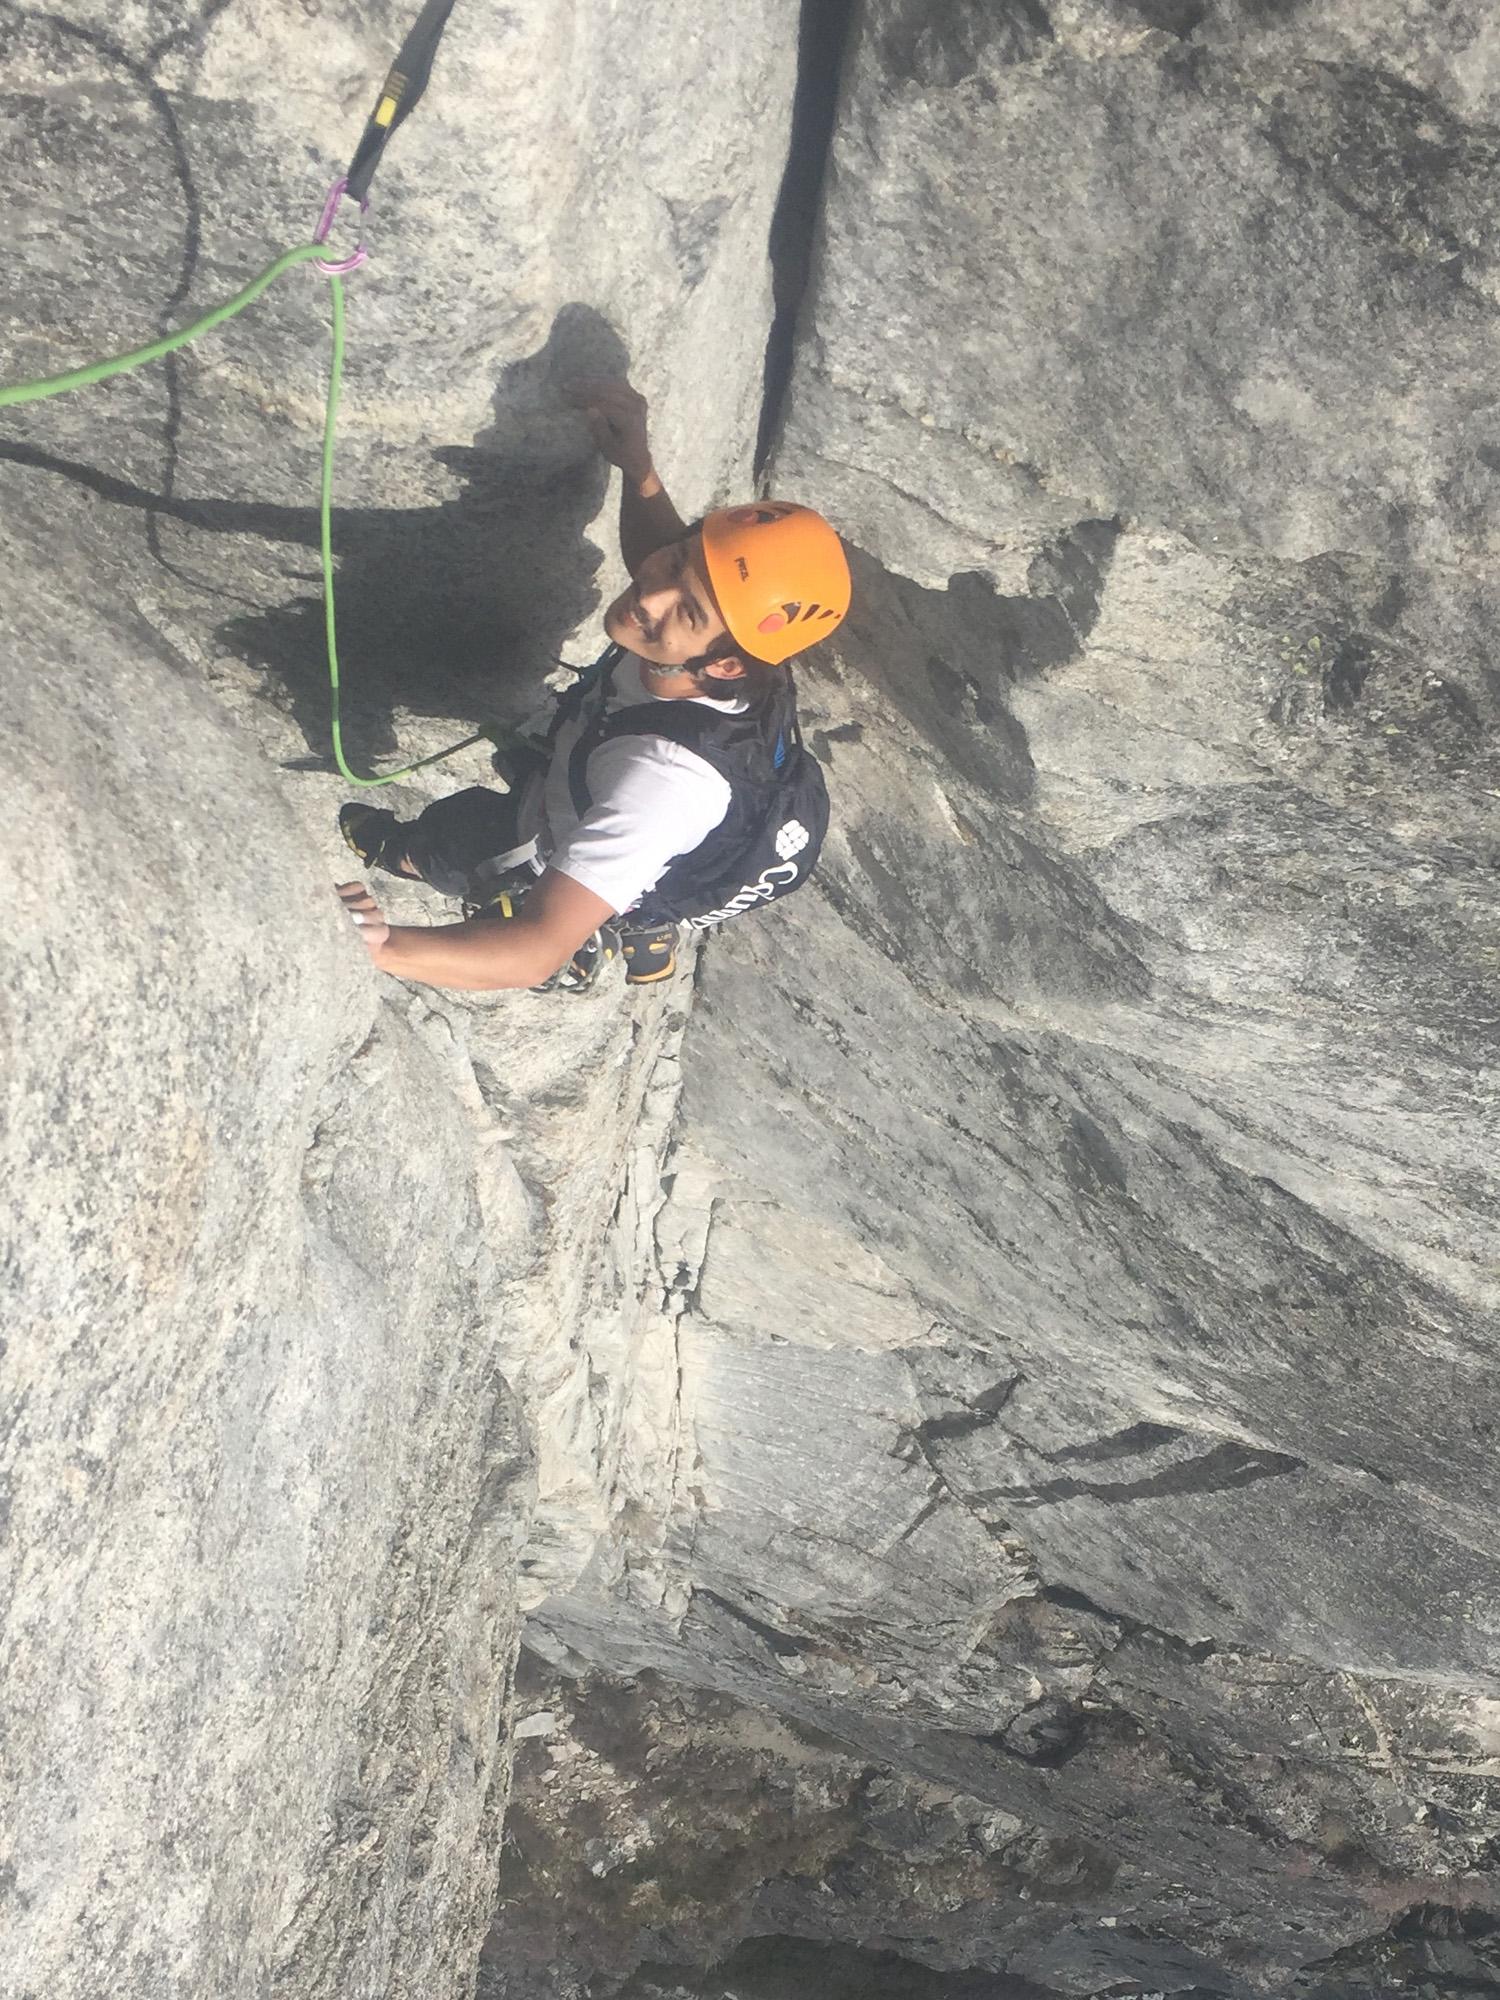 man in orange helmet rock climbing